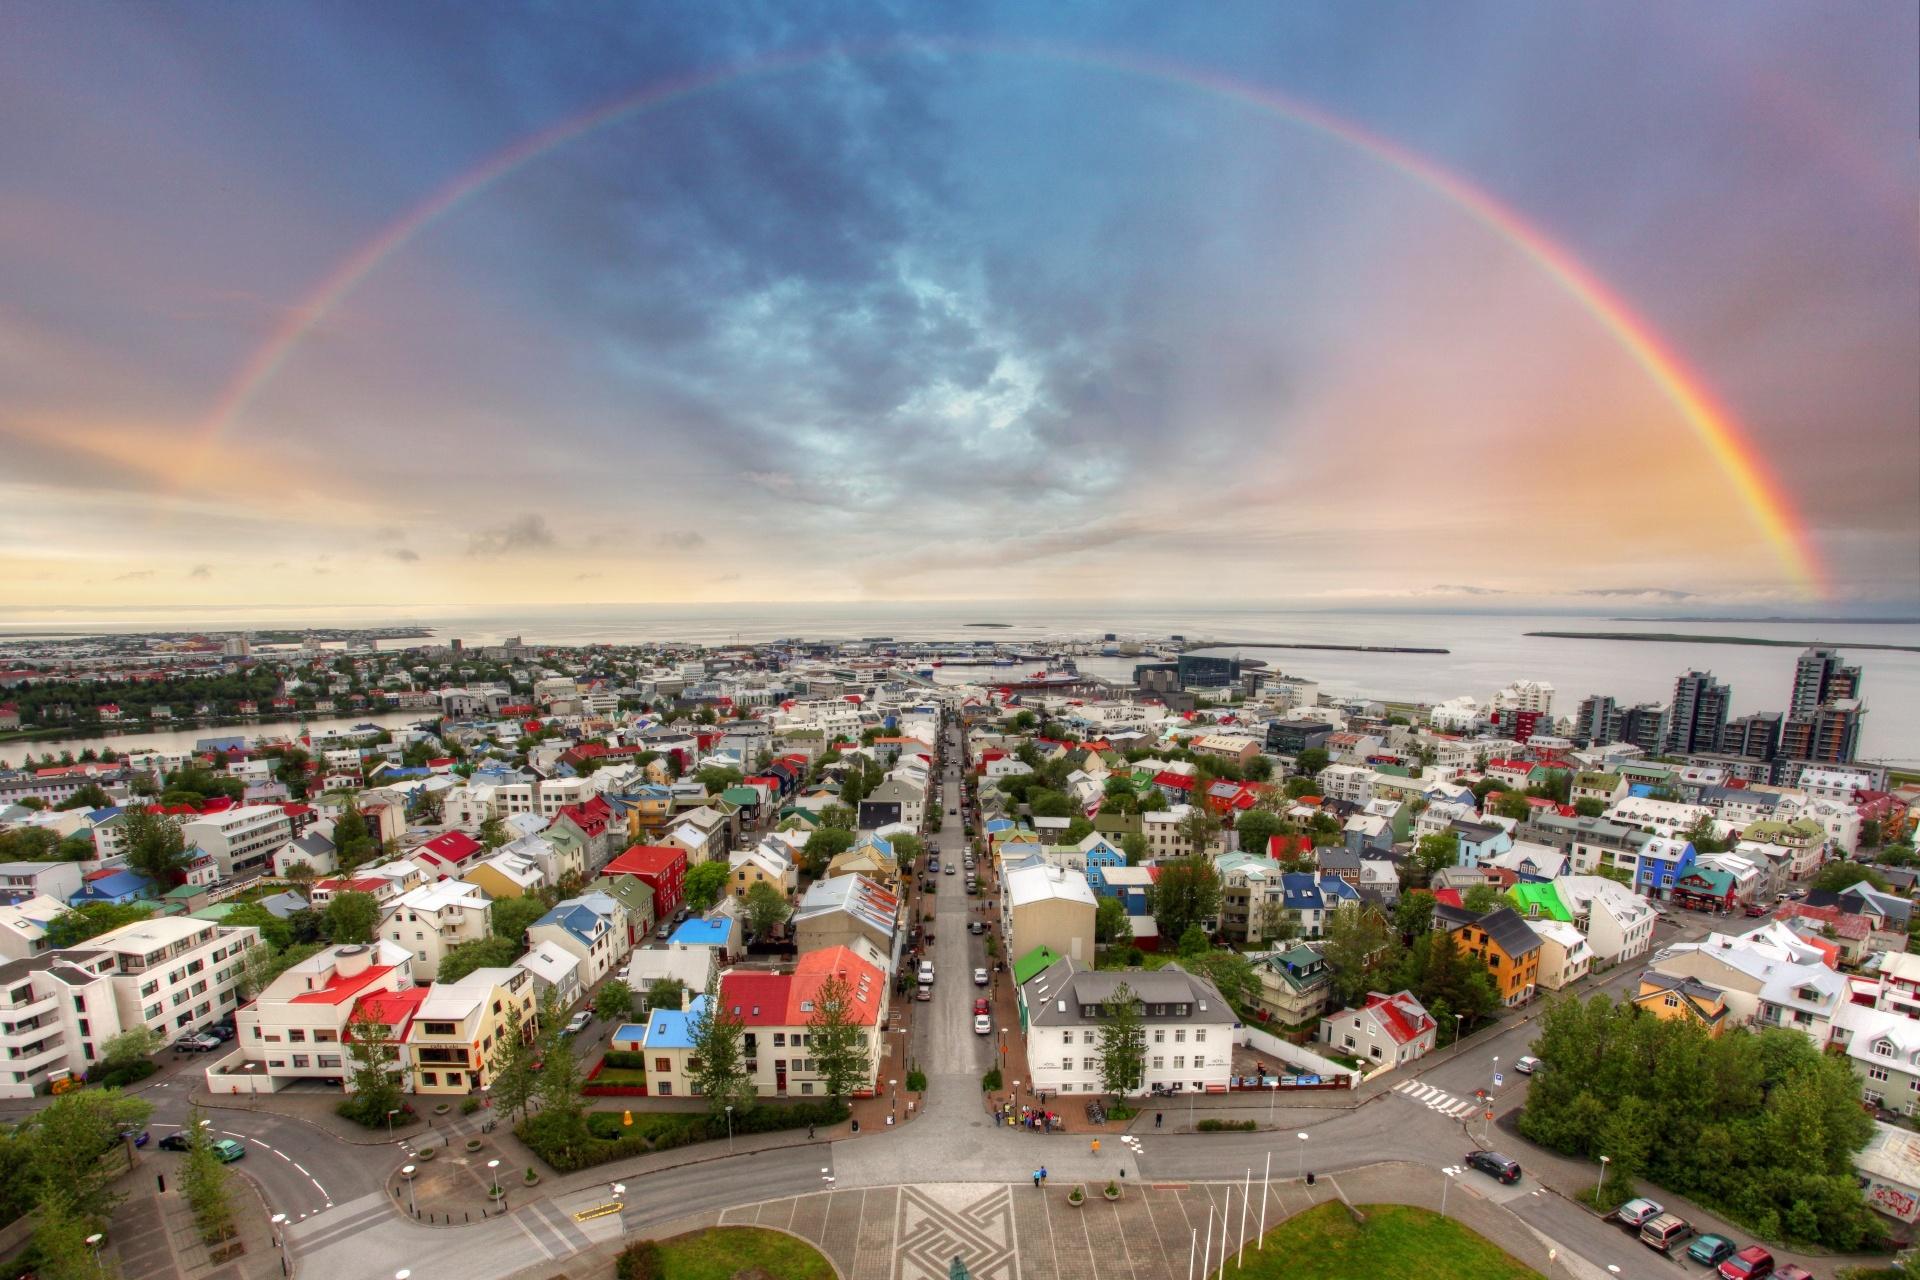 レイキャビークの町並み アイスランドの風景